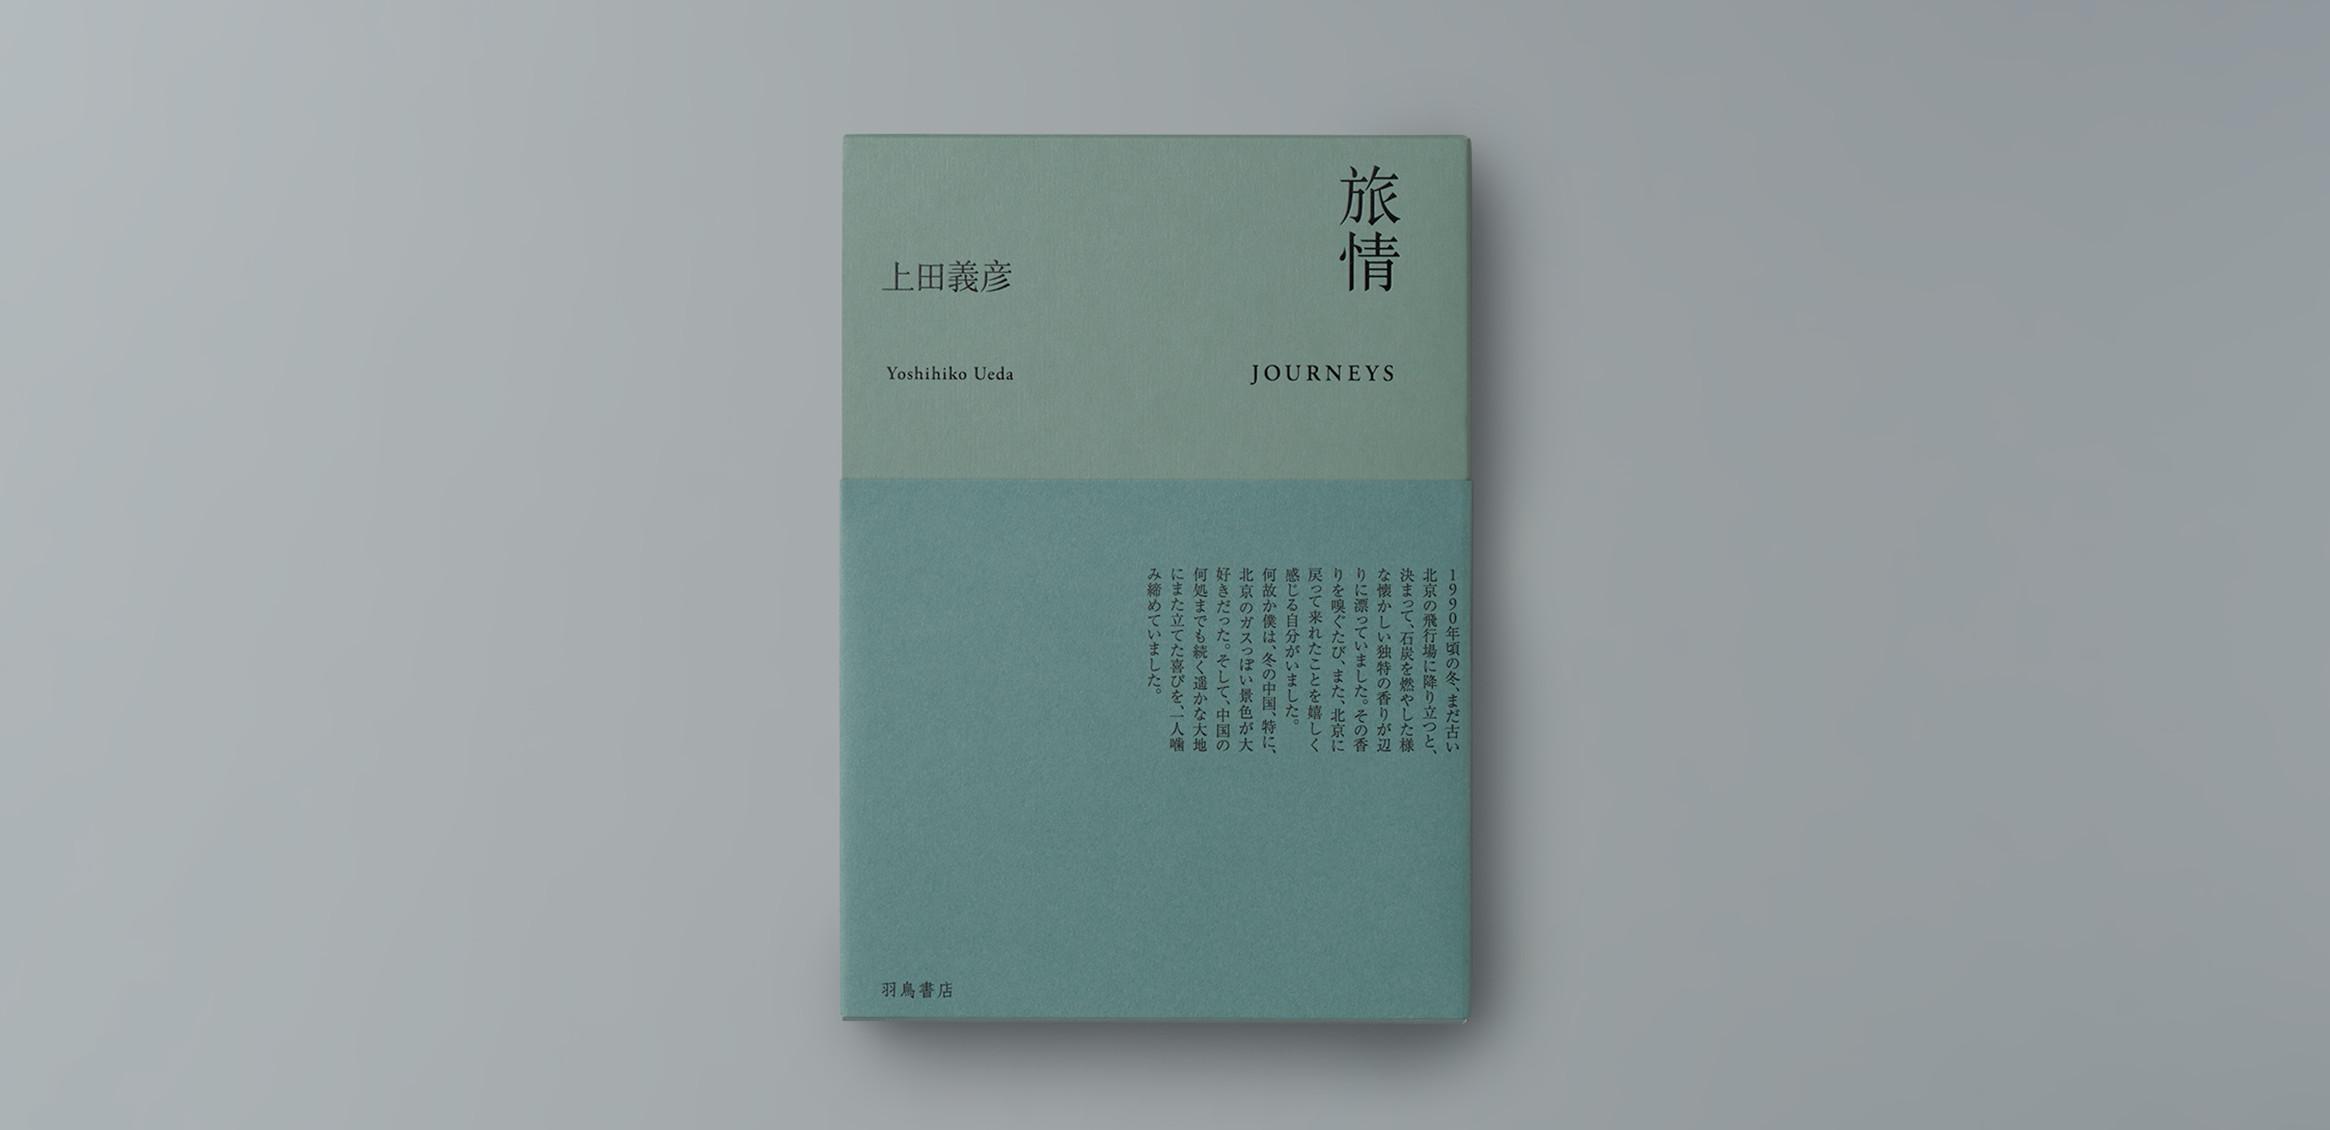 上田義彦写真集『旅情』0枚目